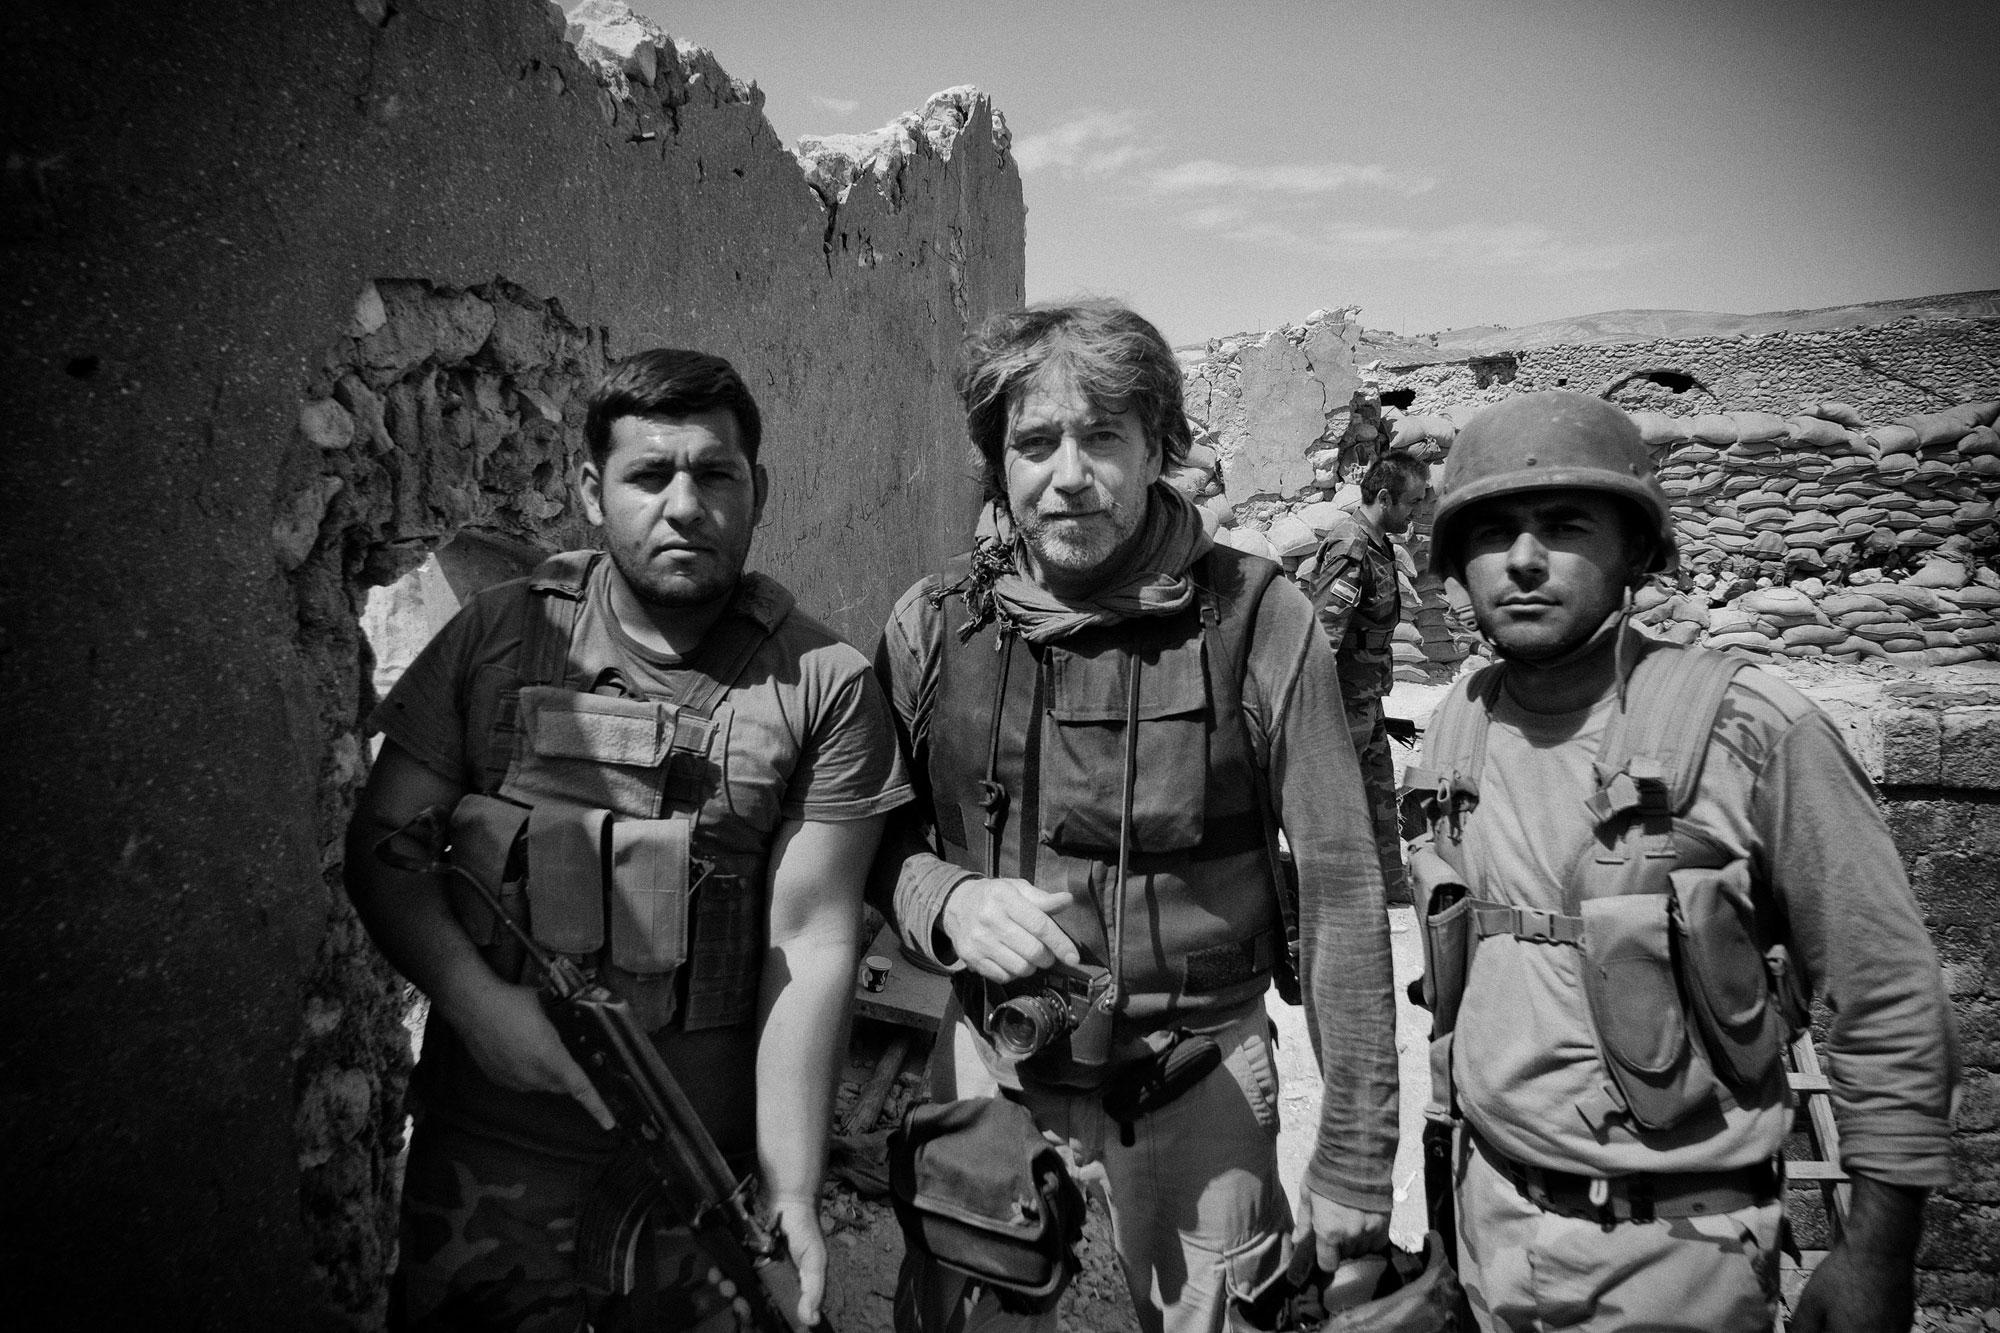 foto: © Eddy van Wessel - drie soldaten in Oosten